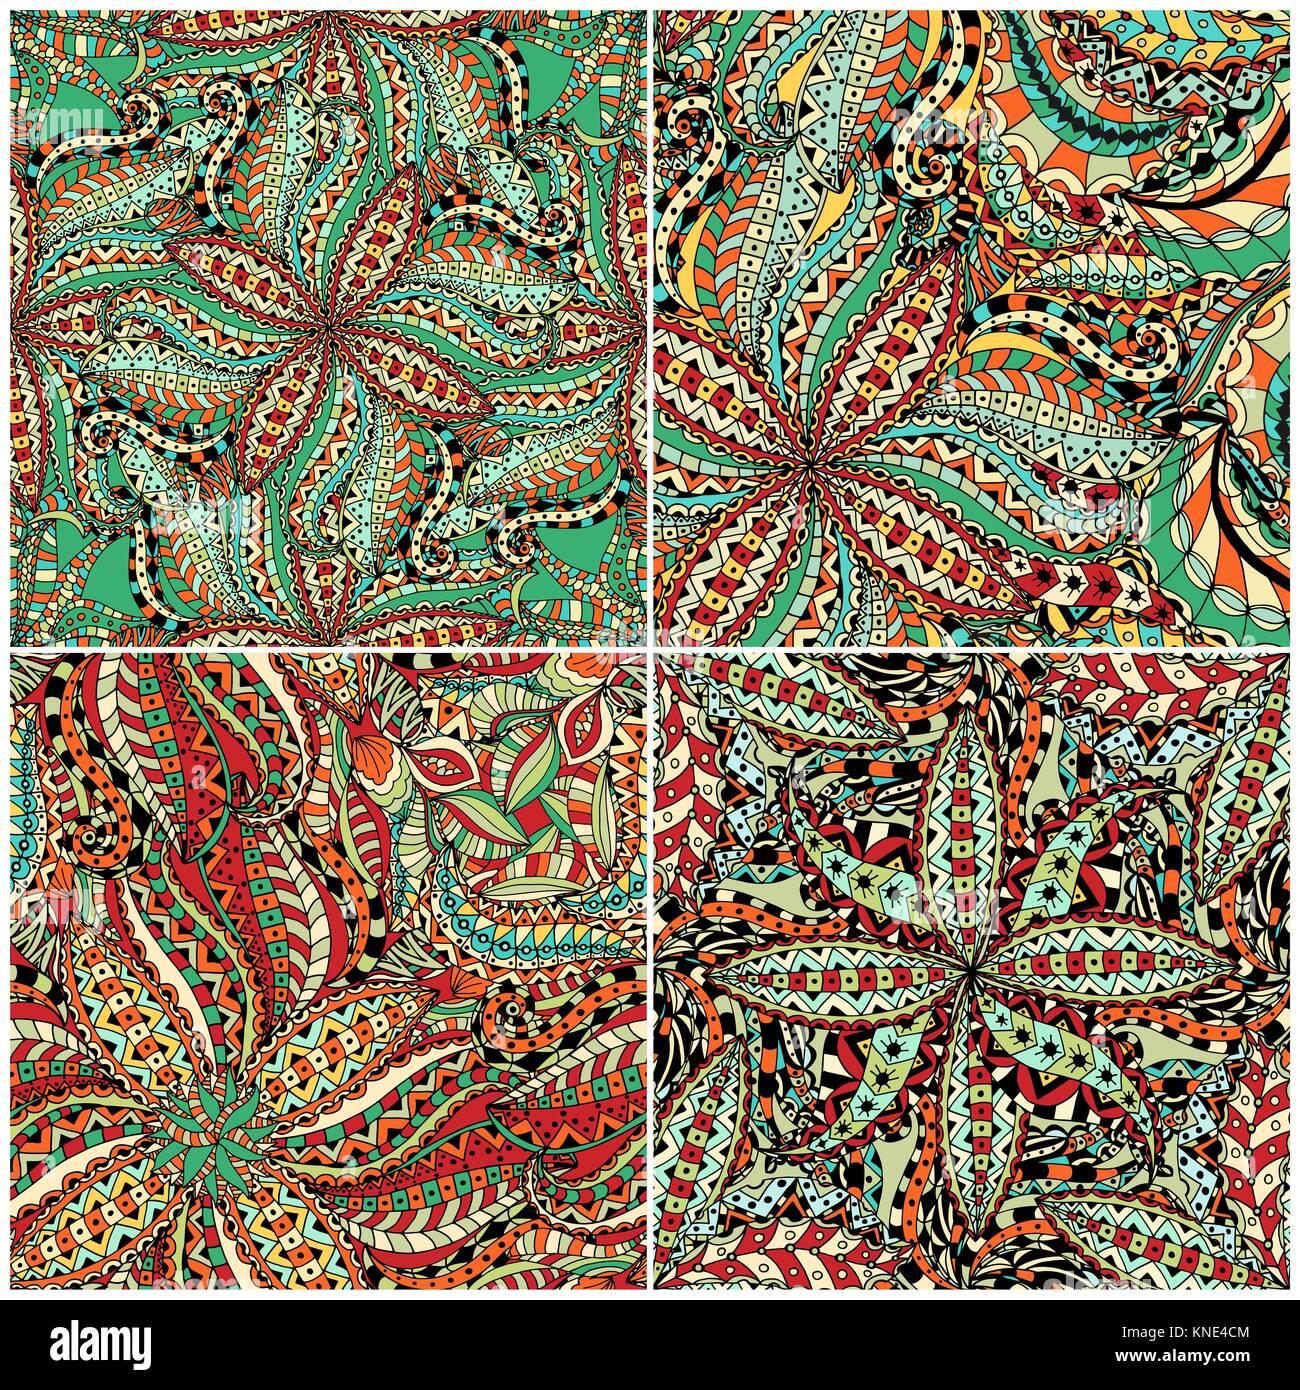 luxus orientalische fliesen nahtlose muster bunte mit blumenmustern patchwork hintergrund mandala boho chic stil reich blume ornament - Boho Muster